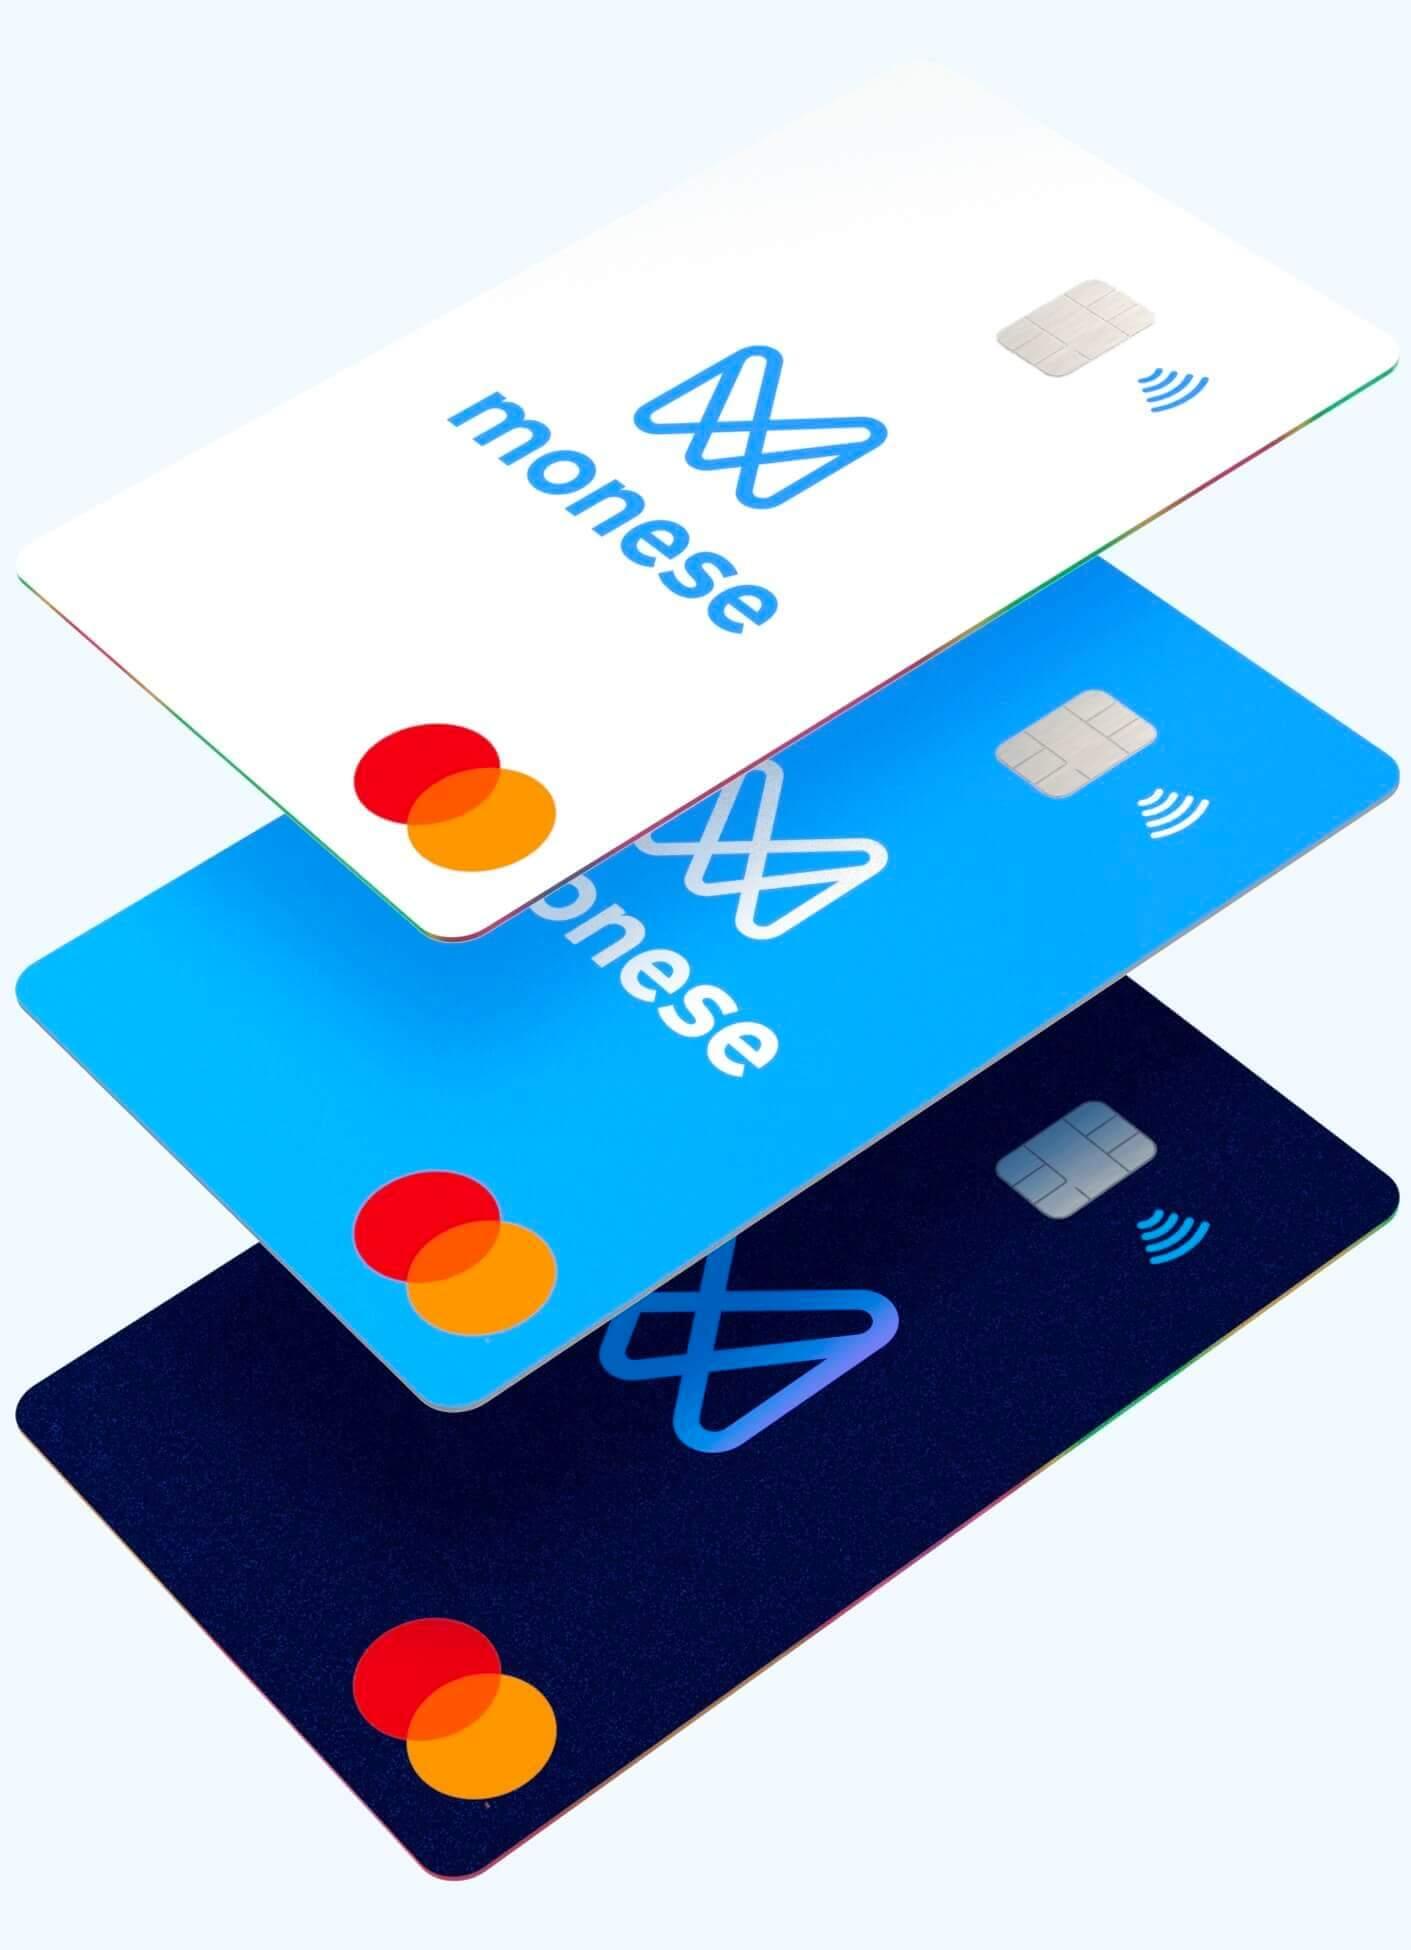 申请Monese数字银行的英国,欧盟双账户,双万事达卡与虚拟卡技巧